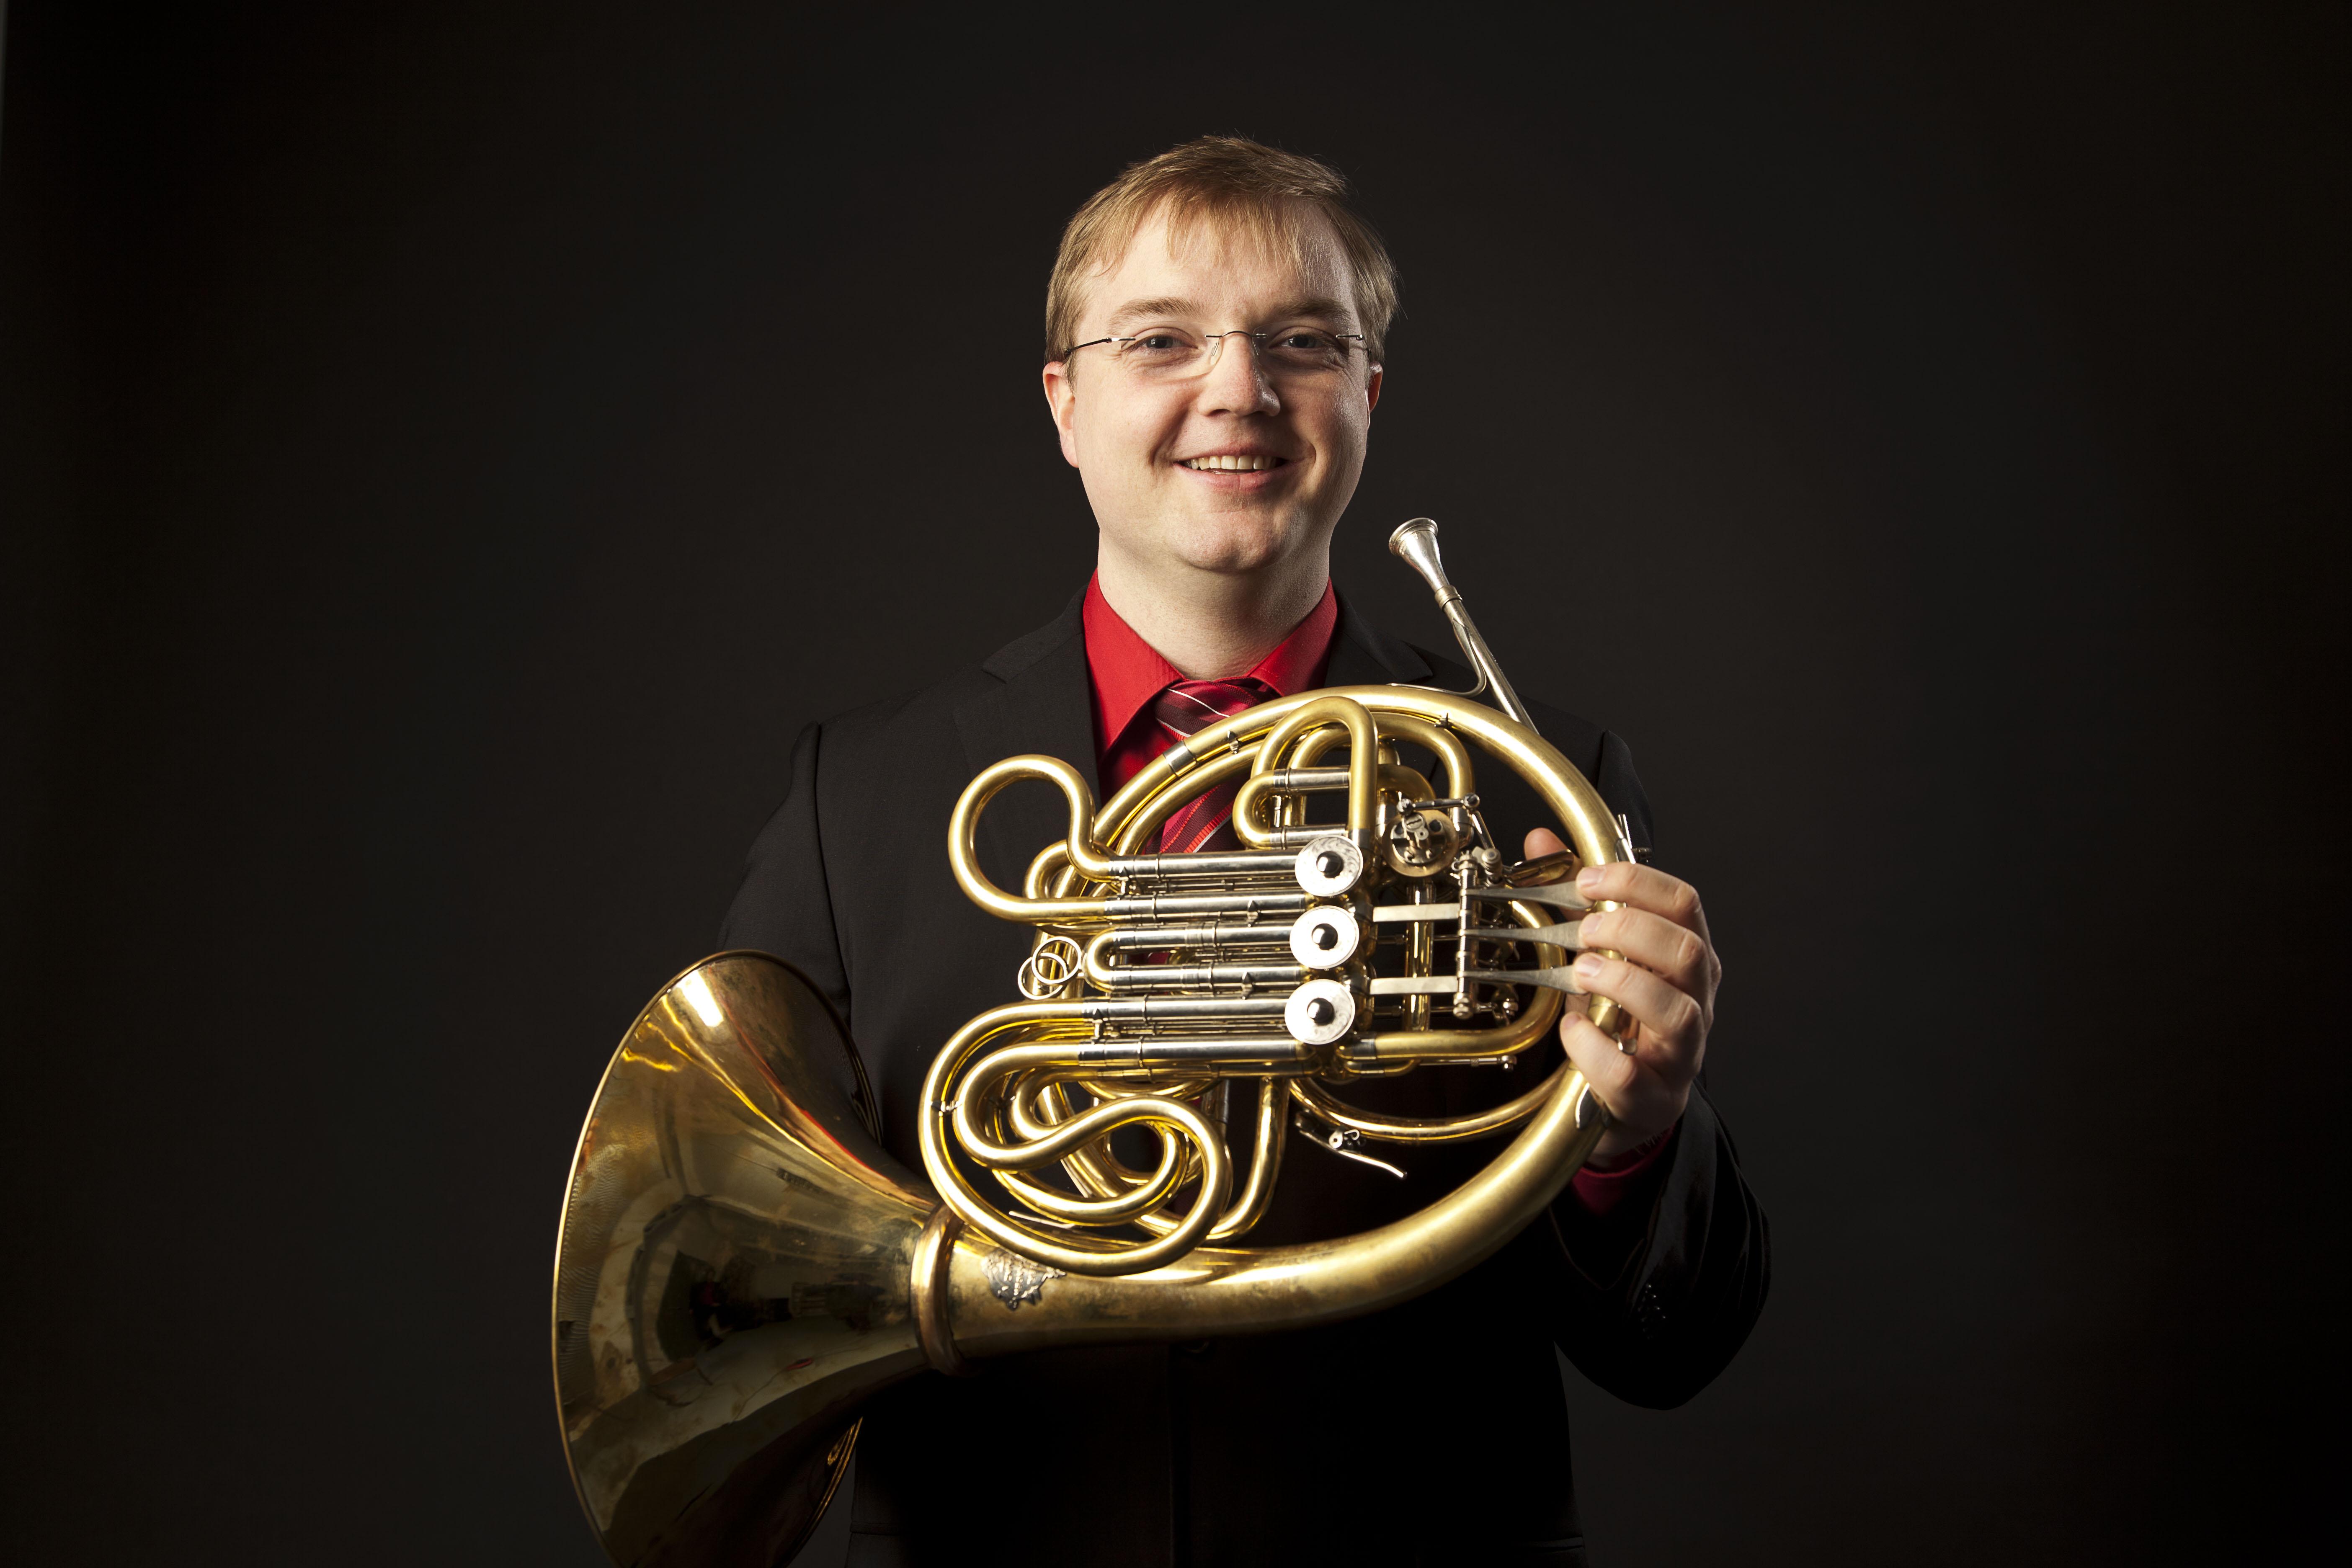 Thomas Zuehlke